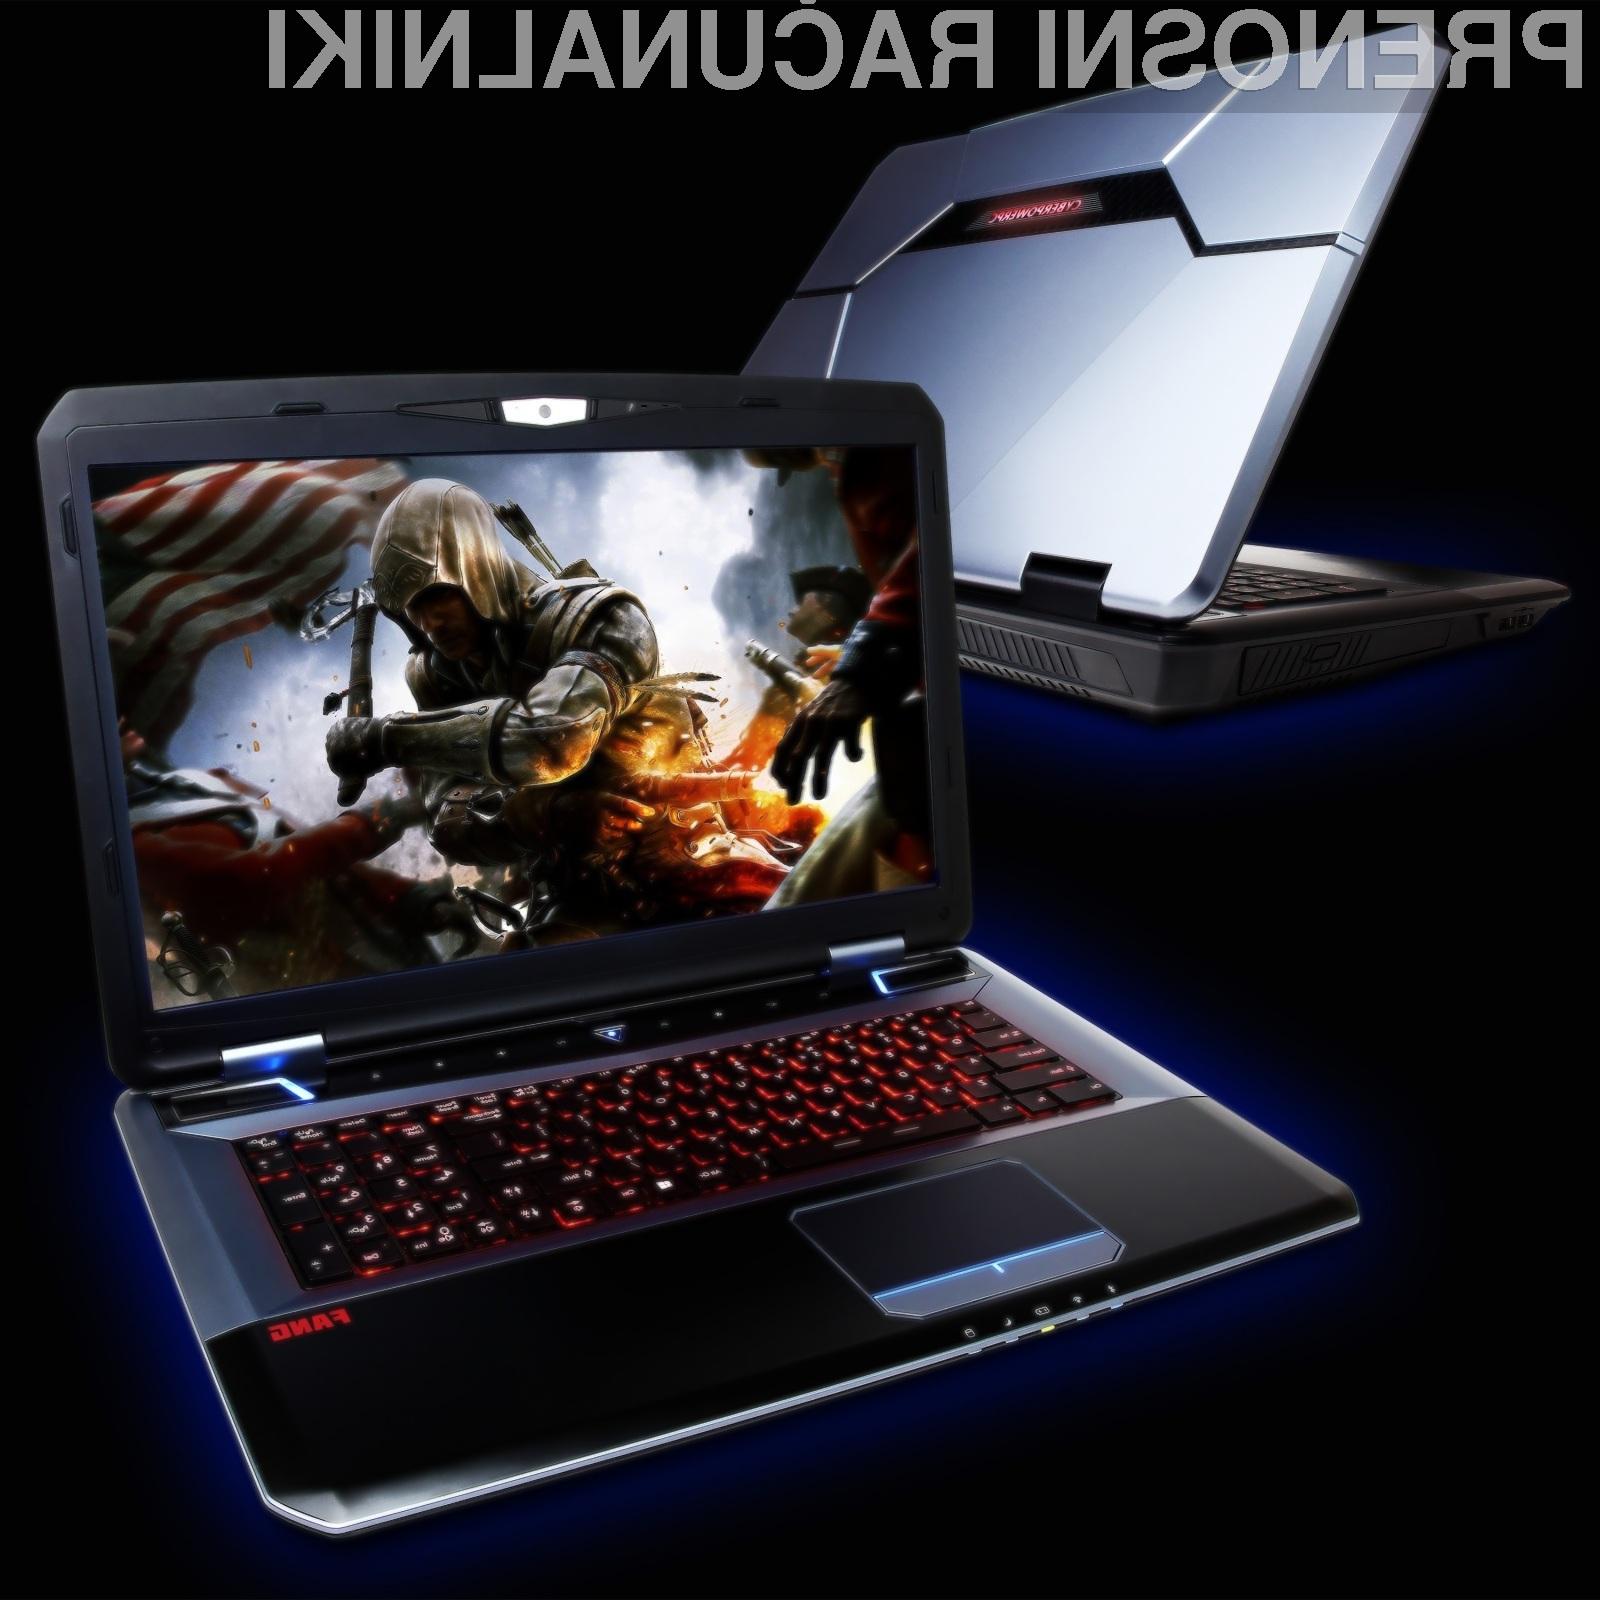 FangBook X7 je prenosnik namenjen tistim, ki zahtevajo le najboljše.